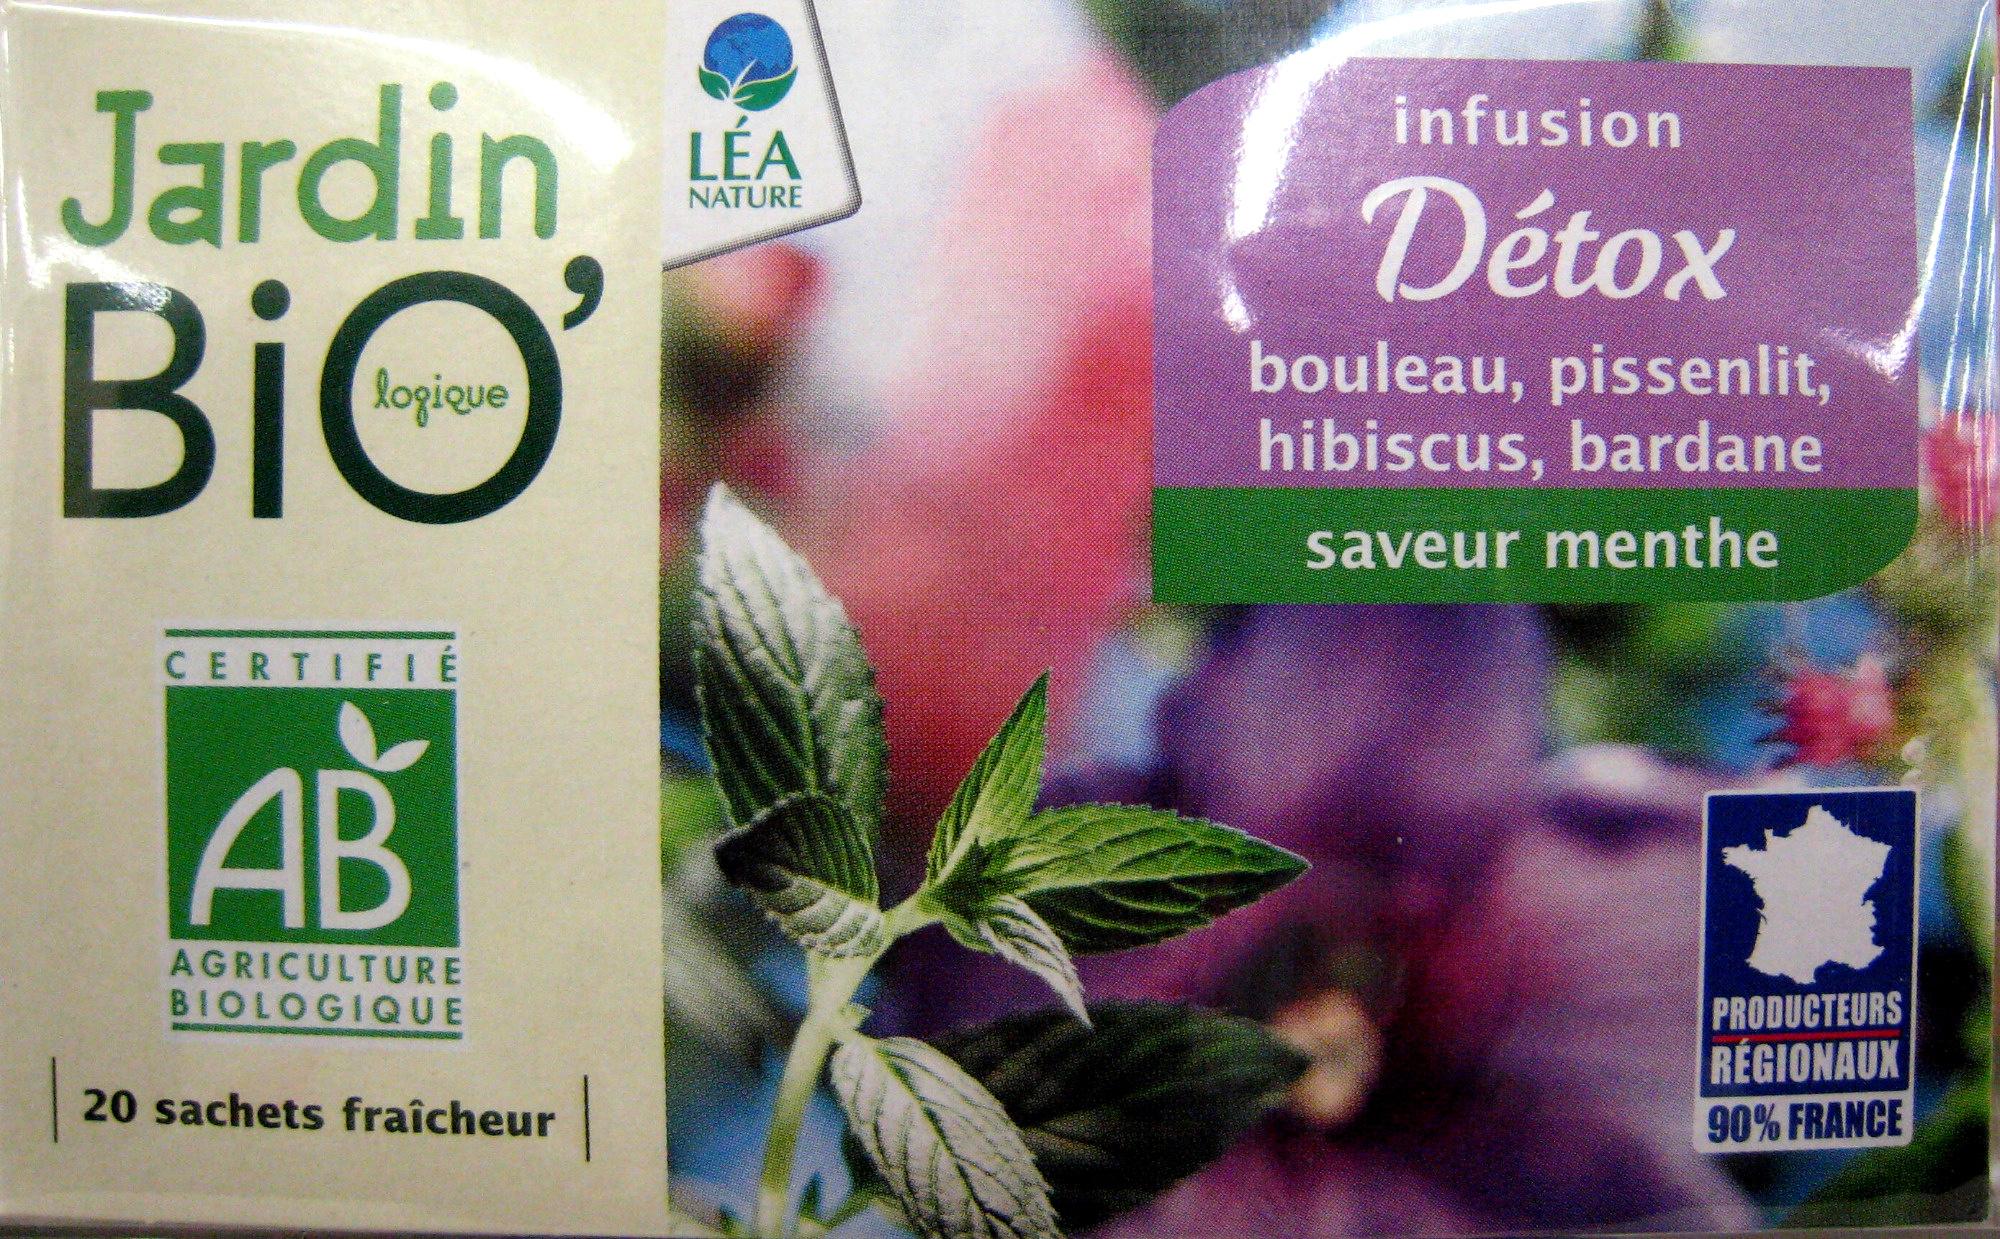 Infusion Détox Jardin Bio Jardin bio logique 30 g 20 sachets